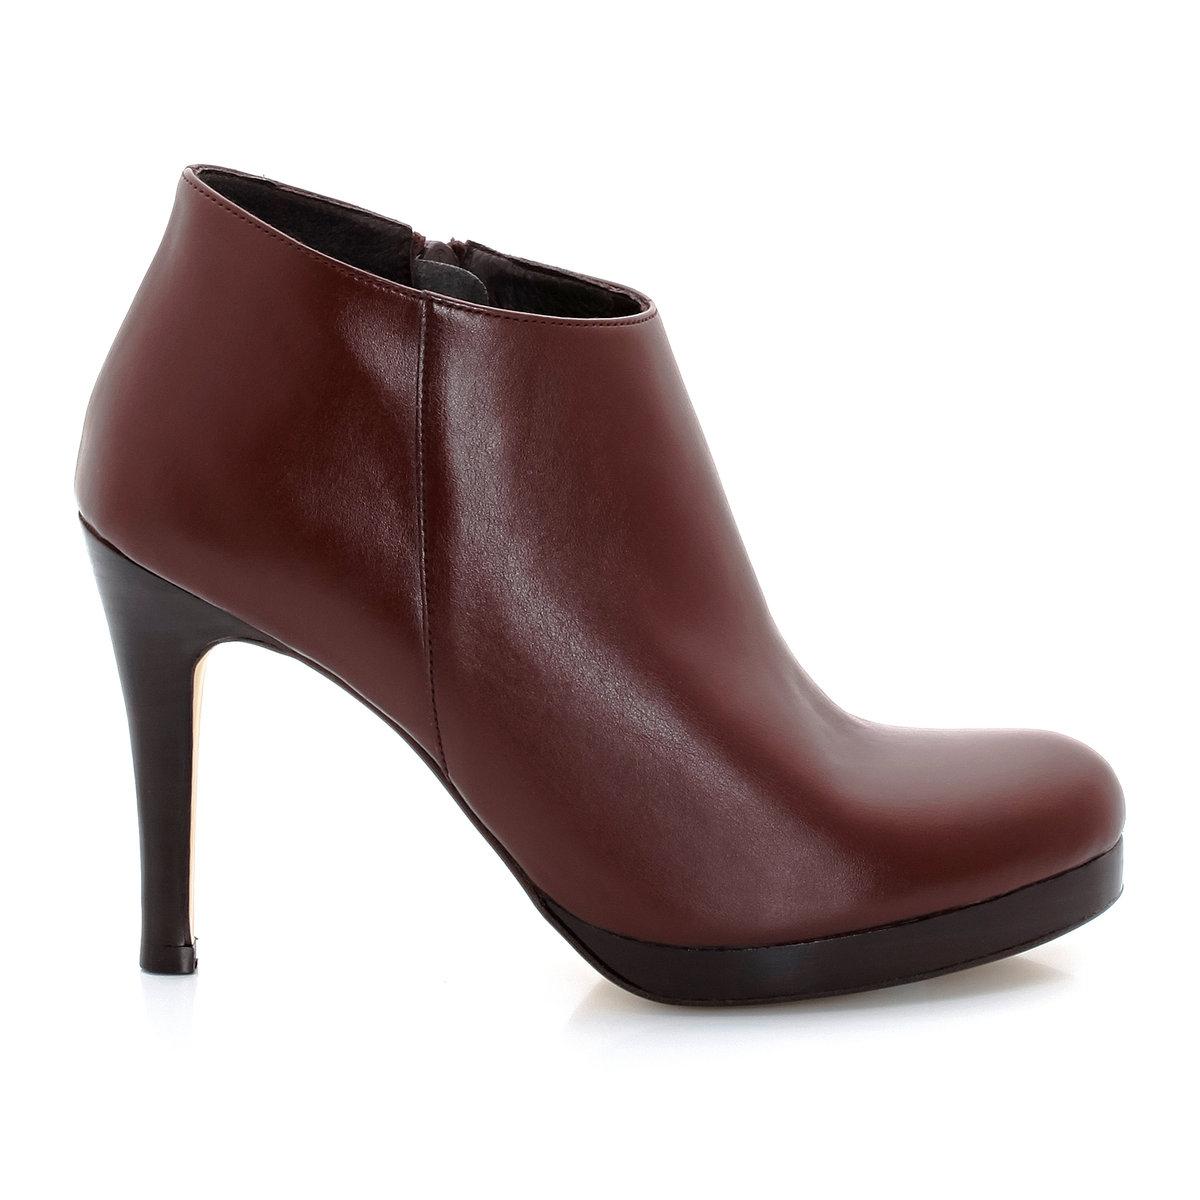 Ботинки низкие на высоких каблуках, с застежками на молниюНизкие ботинки на каблуках - JONAK. Верх :  синтетический материалПодкладка : кожа Стелька : кожа Подошва : эластомер.Застежка   : молнии сбокуВысота каблука : 9 см.  Эти низкие ботинки на высоком каблуке под маркой Jonak сделают ваш силуэт женственным и ультра модным!<br><br>Цвет: каштановый,черный<br>Размер: 39.38.40